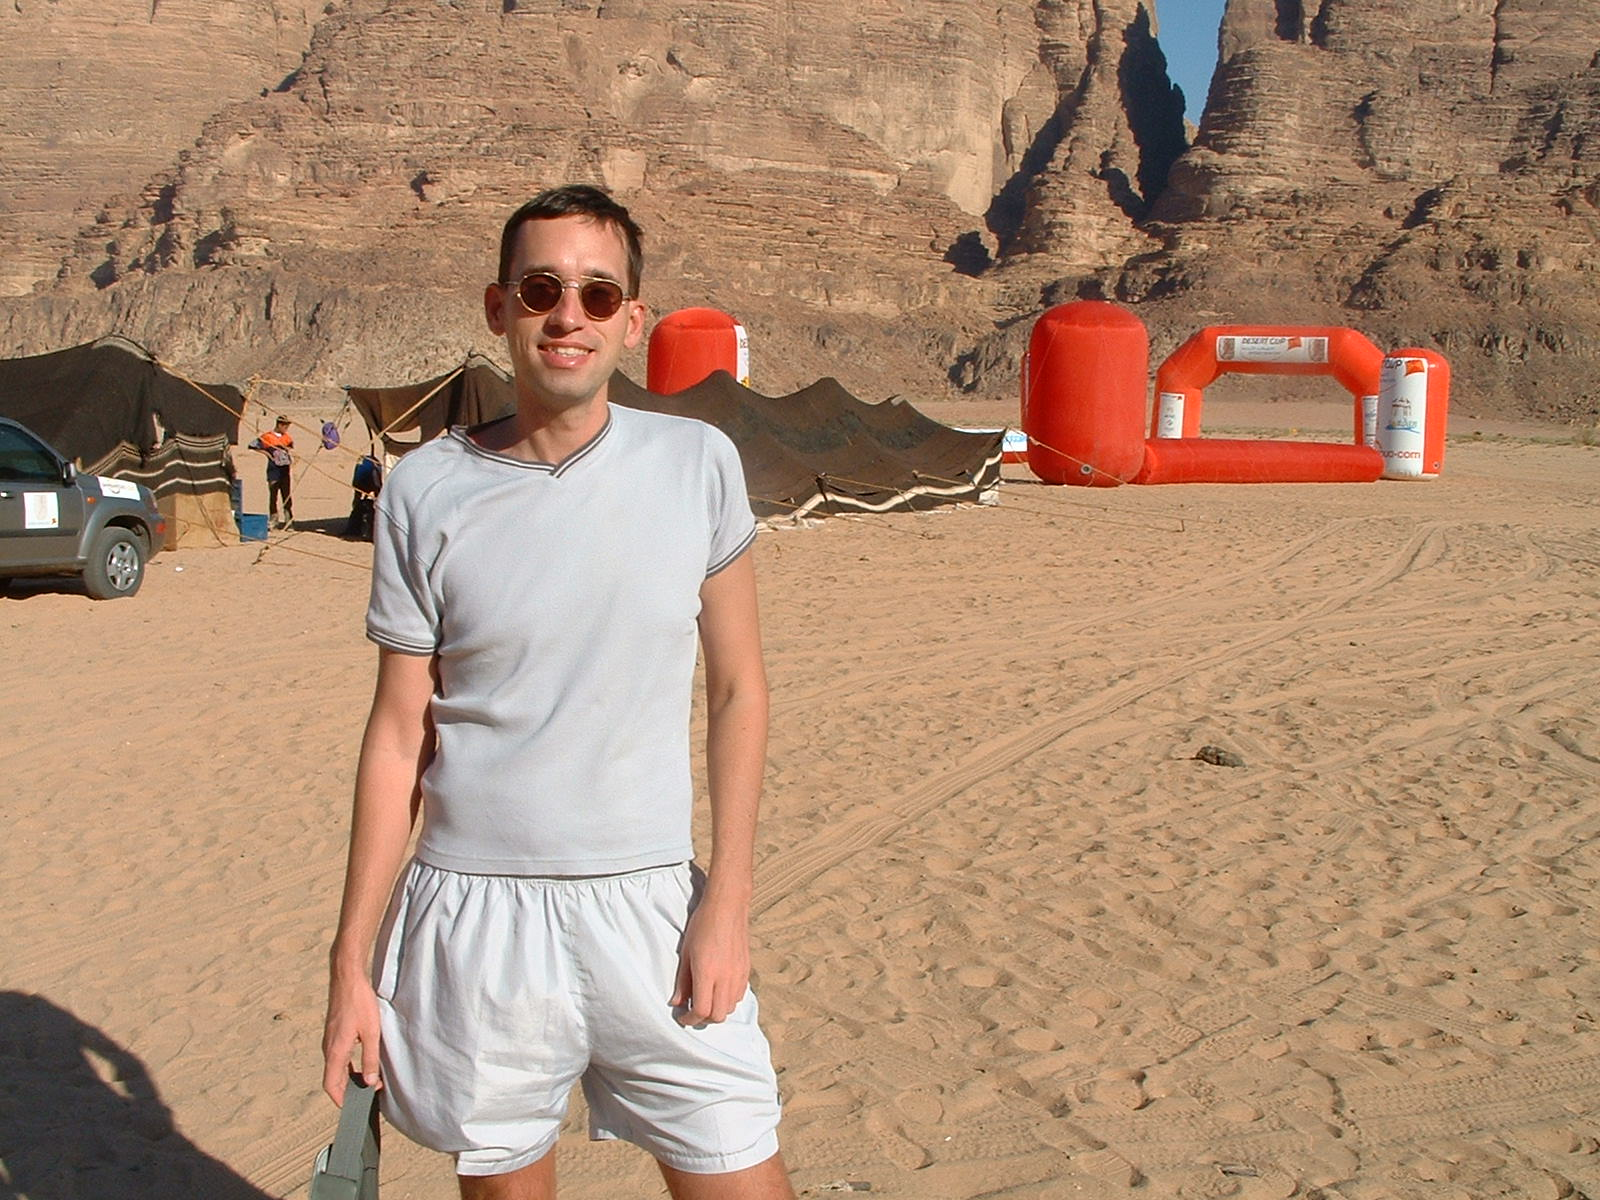 Sivatagi futóverseny Jordániában.